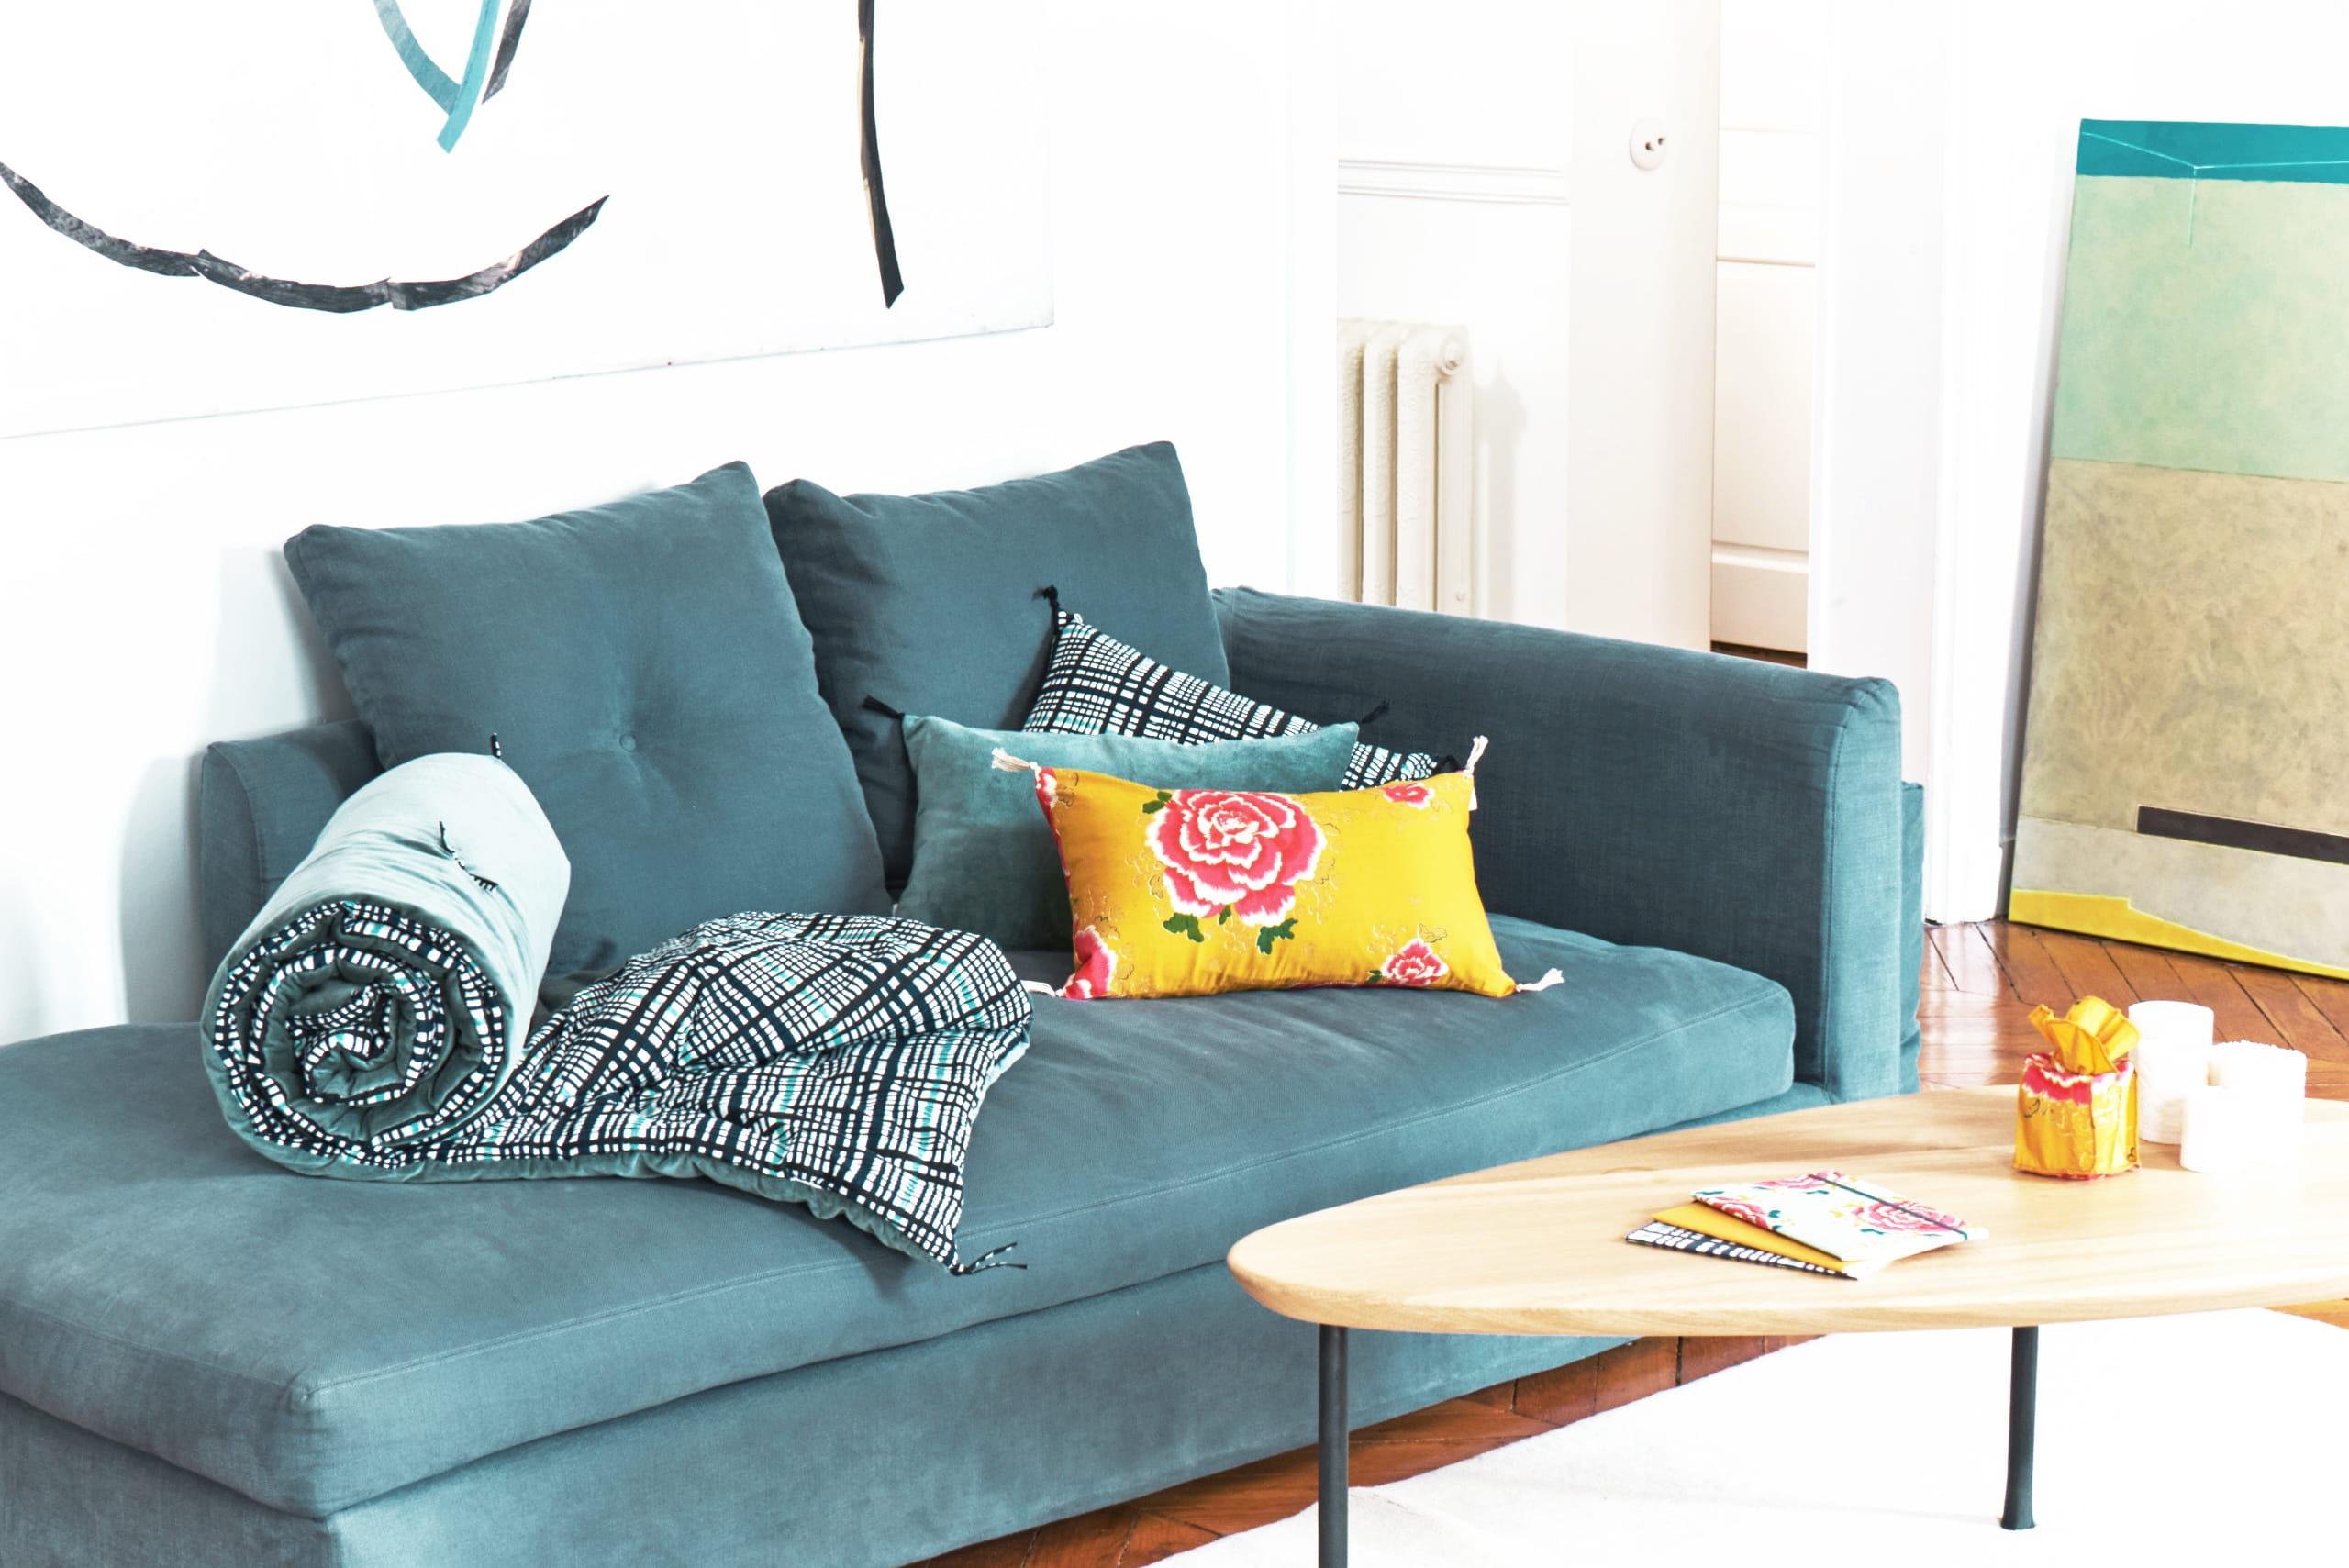 caravane x s zane la collection capsule fleurie et graphique. Black Bedroom Furniture Sets. Home Design Ideas